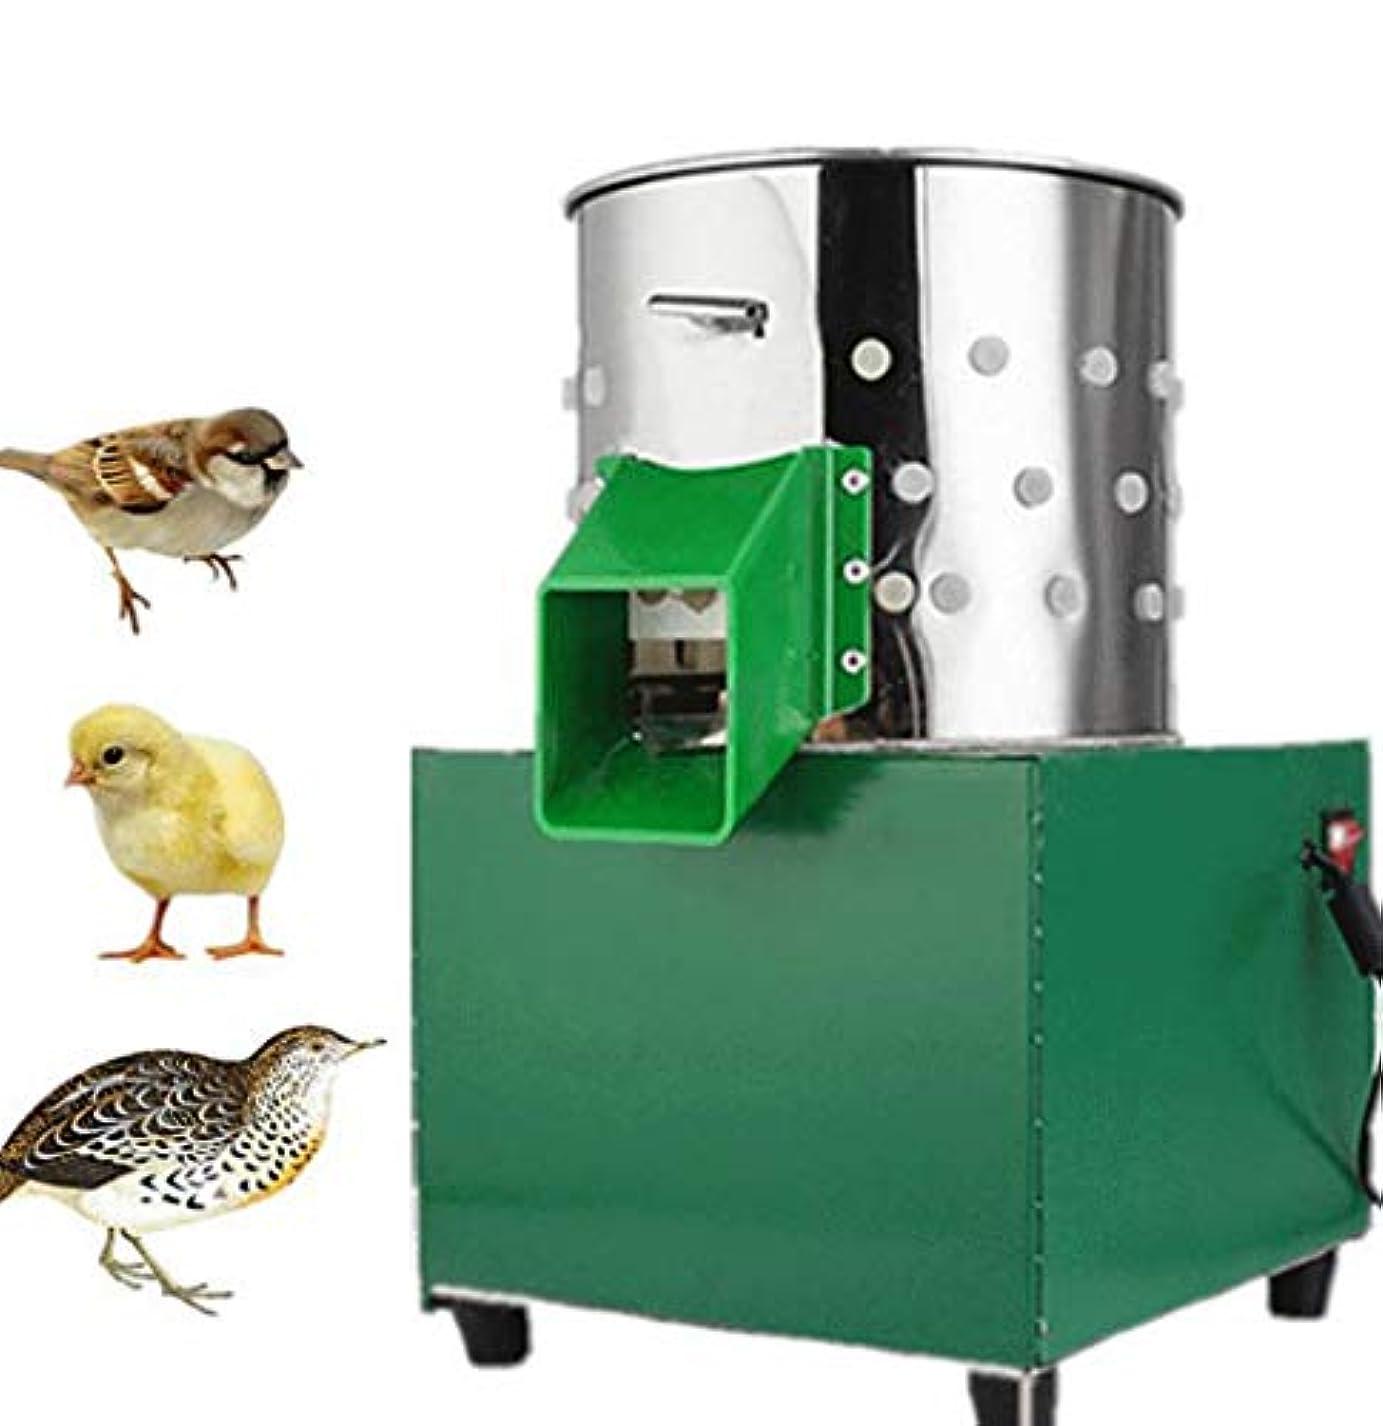 単独でキウイピービッシュ100-240V電気鶏鳩羽摘採機脱毛器小型プラッカー家禽脱毛機